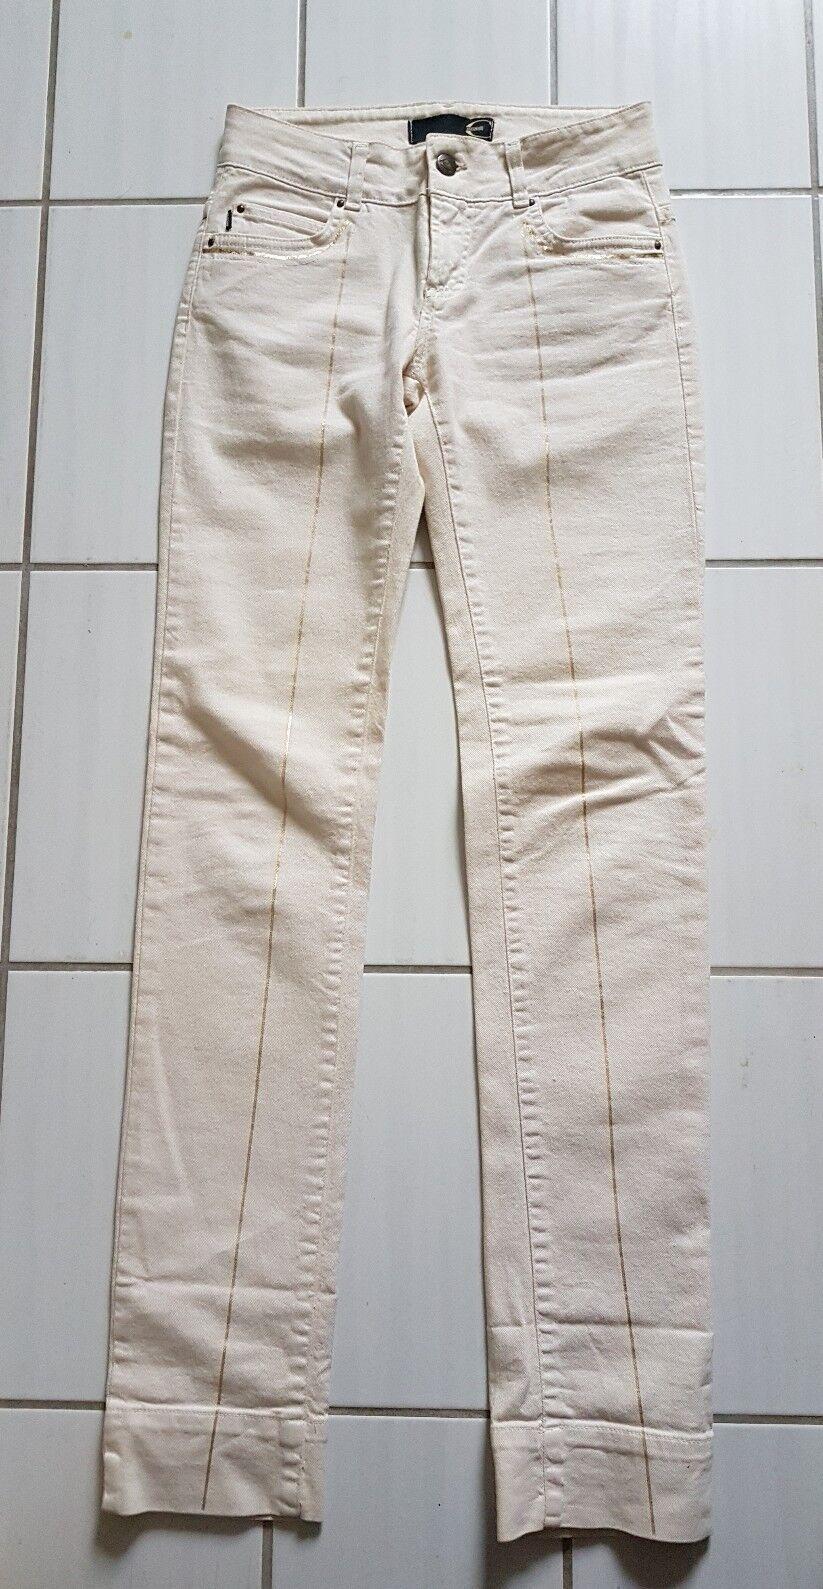 Träumchen Luxus Hose Hose Hose Jeans 34 36 sehr edel Just Cavalli  mit Gold | Niedrige Kosten  | Qualifizierte Herstellung  | Gute Qualität  80efce